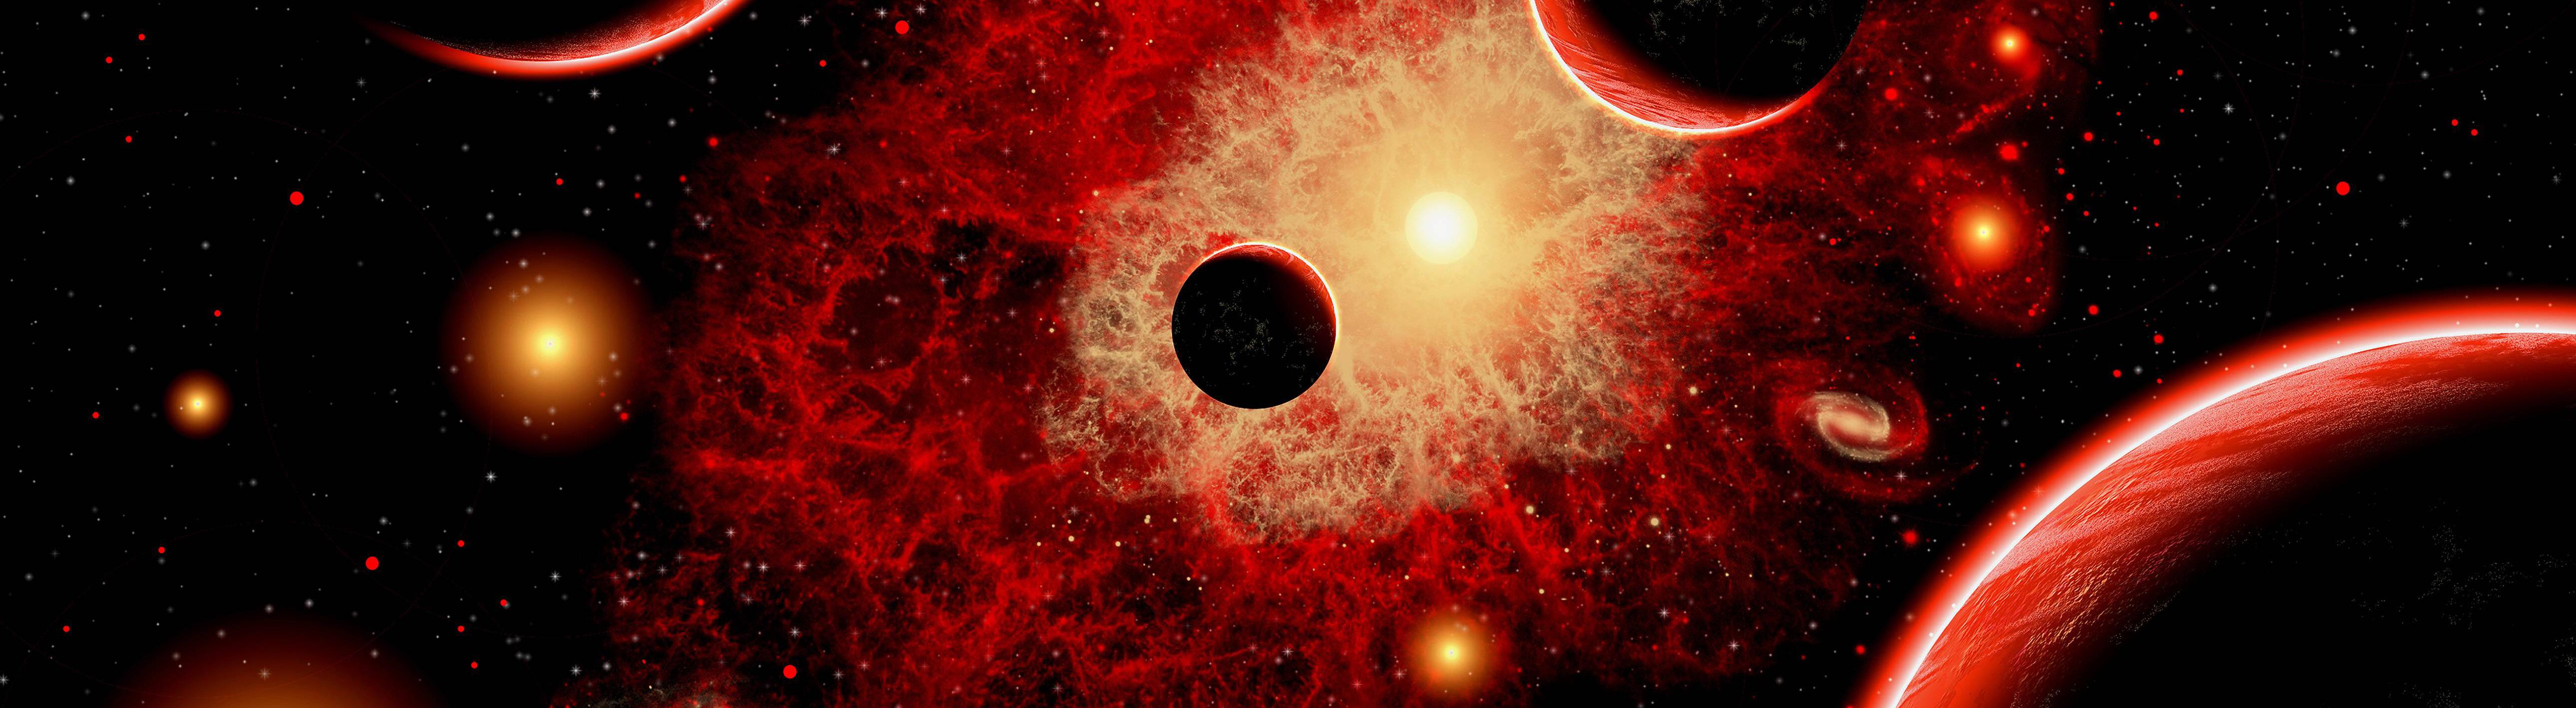 Ein Roter Riese im Weltraum.